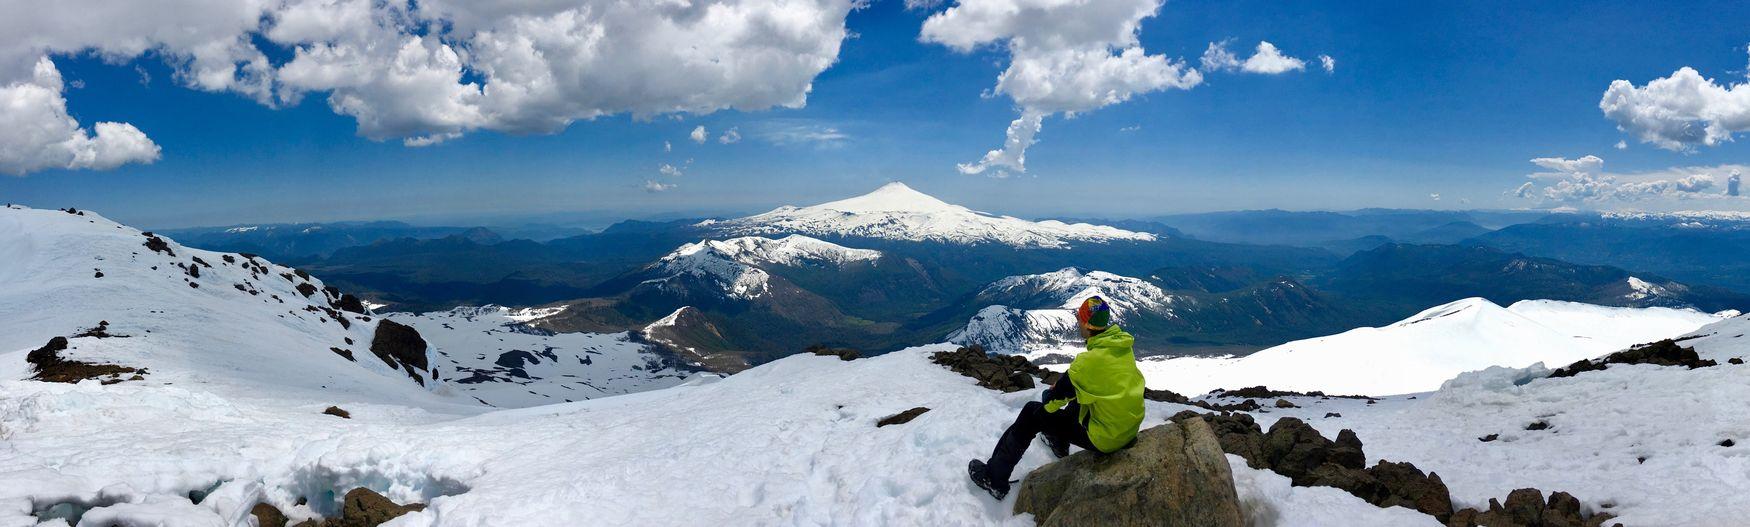 Lost In The Landscape Chili  VilaRica Snow